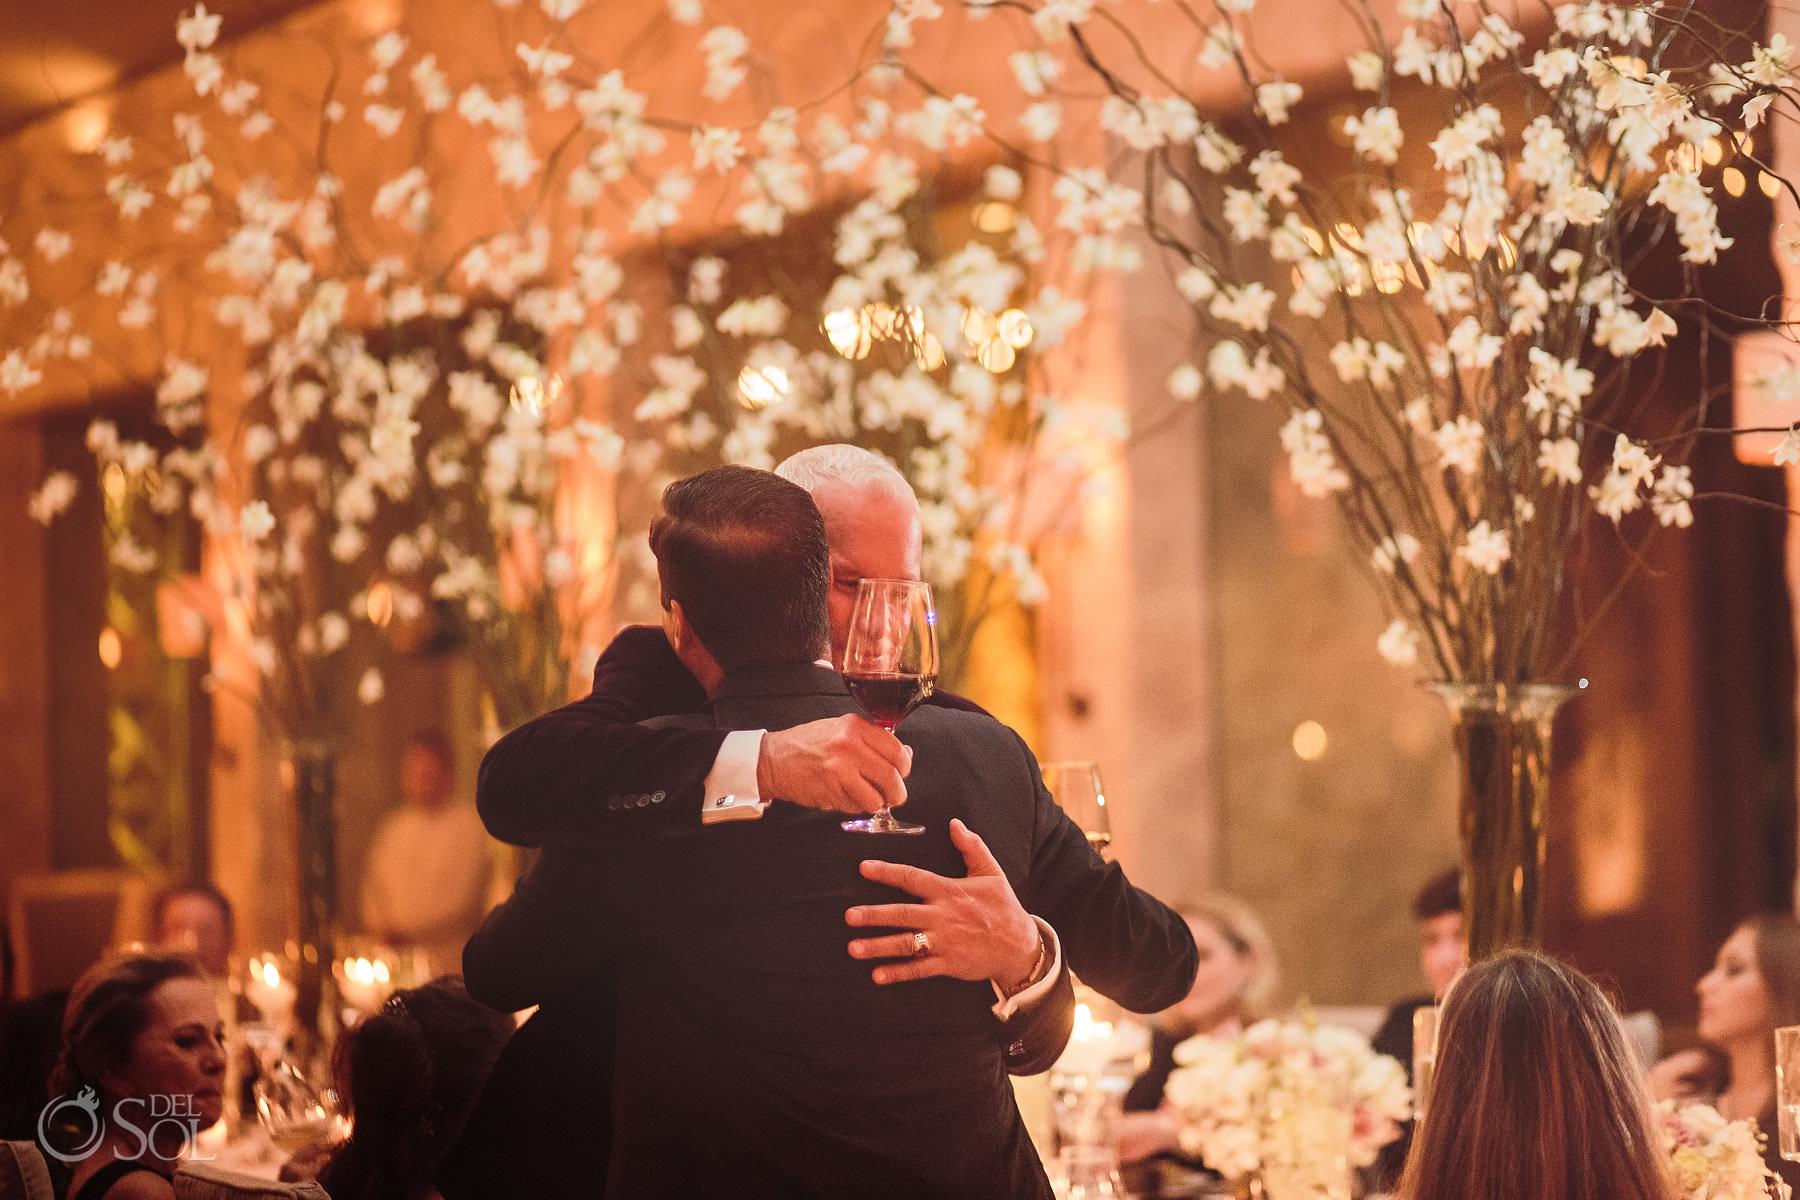 Nizuc Cancun Wedding Reception decor byBlossom Events and Wedding Designs